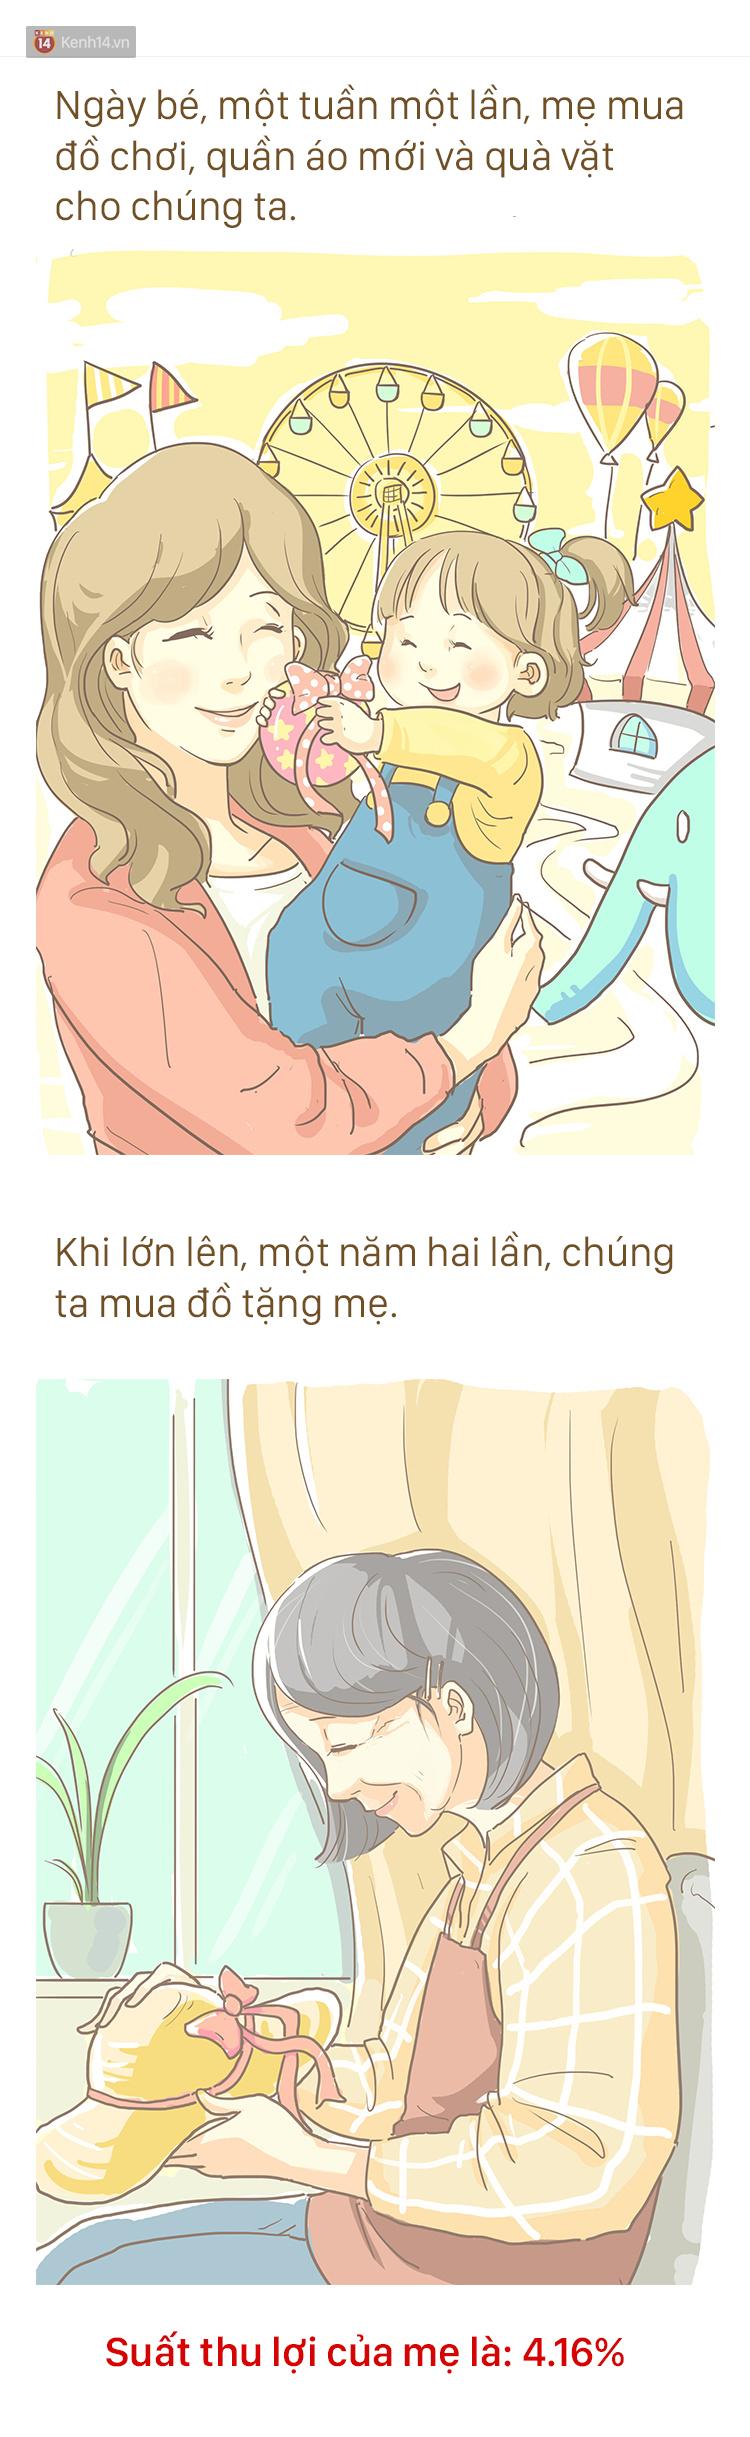 Bộ tranh cảm động về Mẹ: Trên đời này, mẹ là người không biết đầu tư nhất - Ảnh 2.